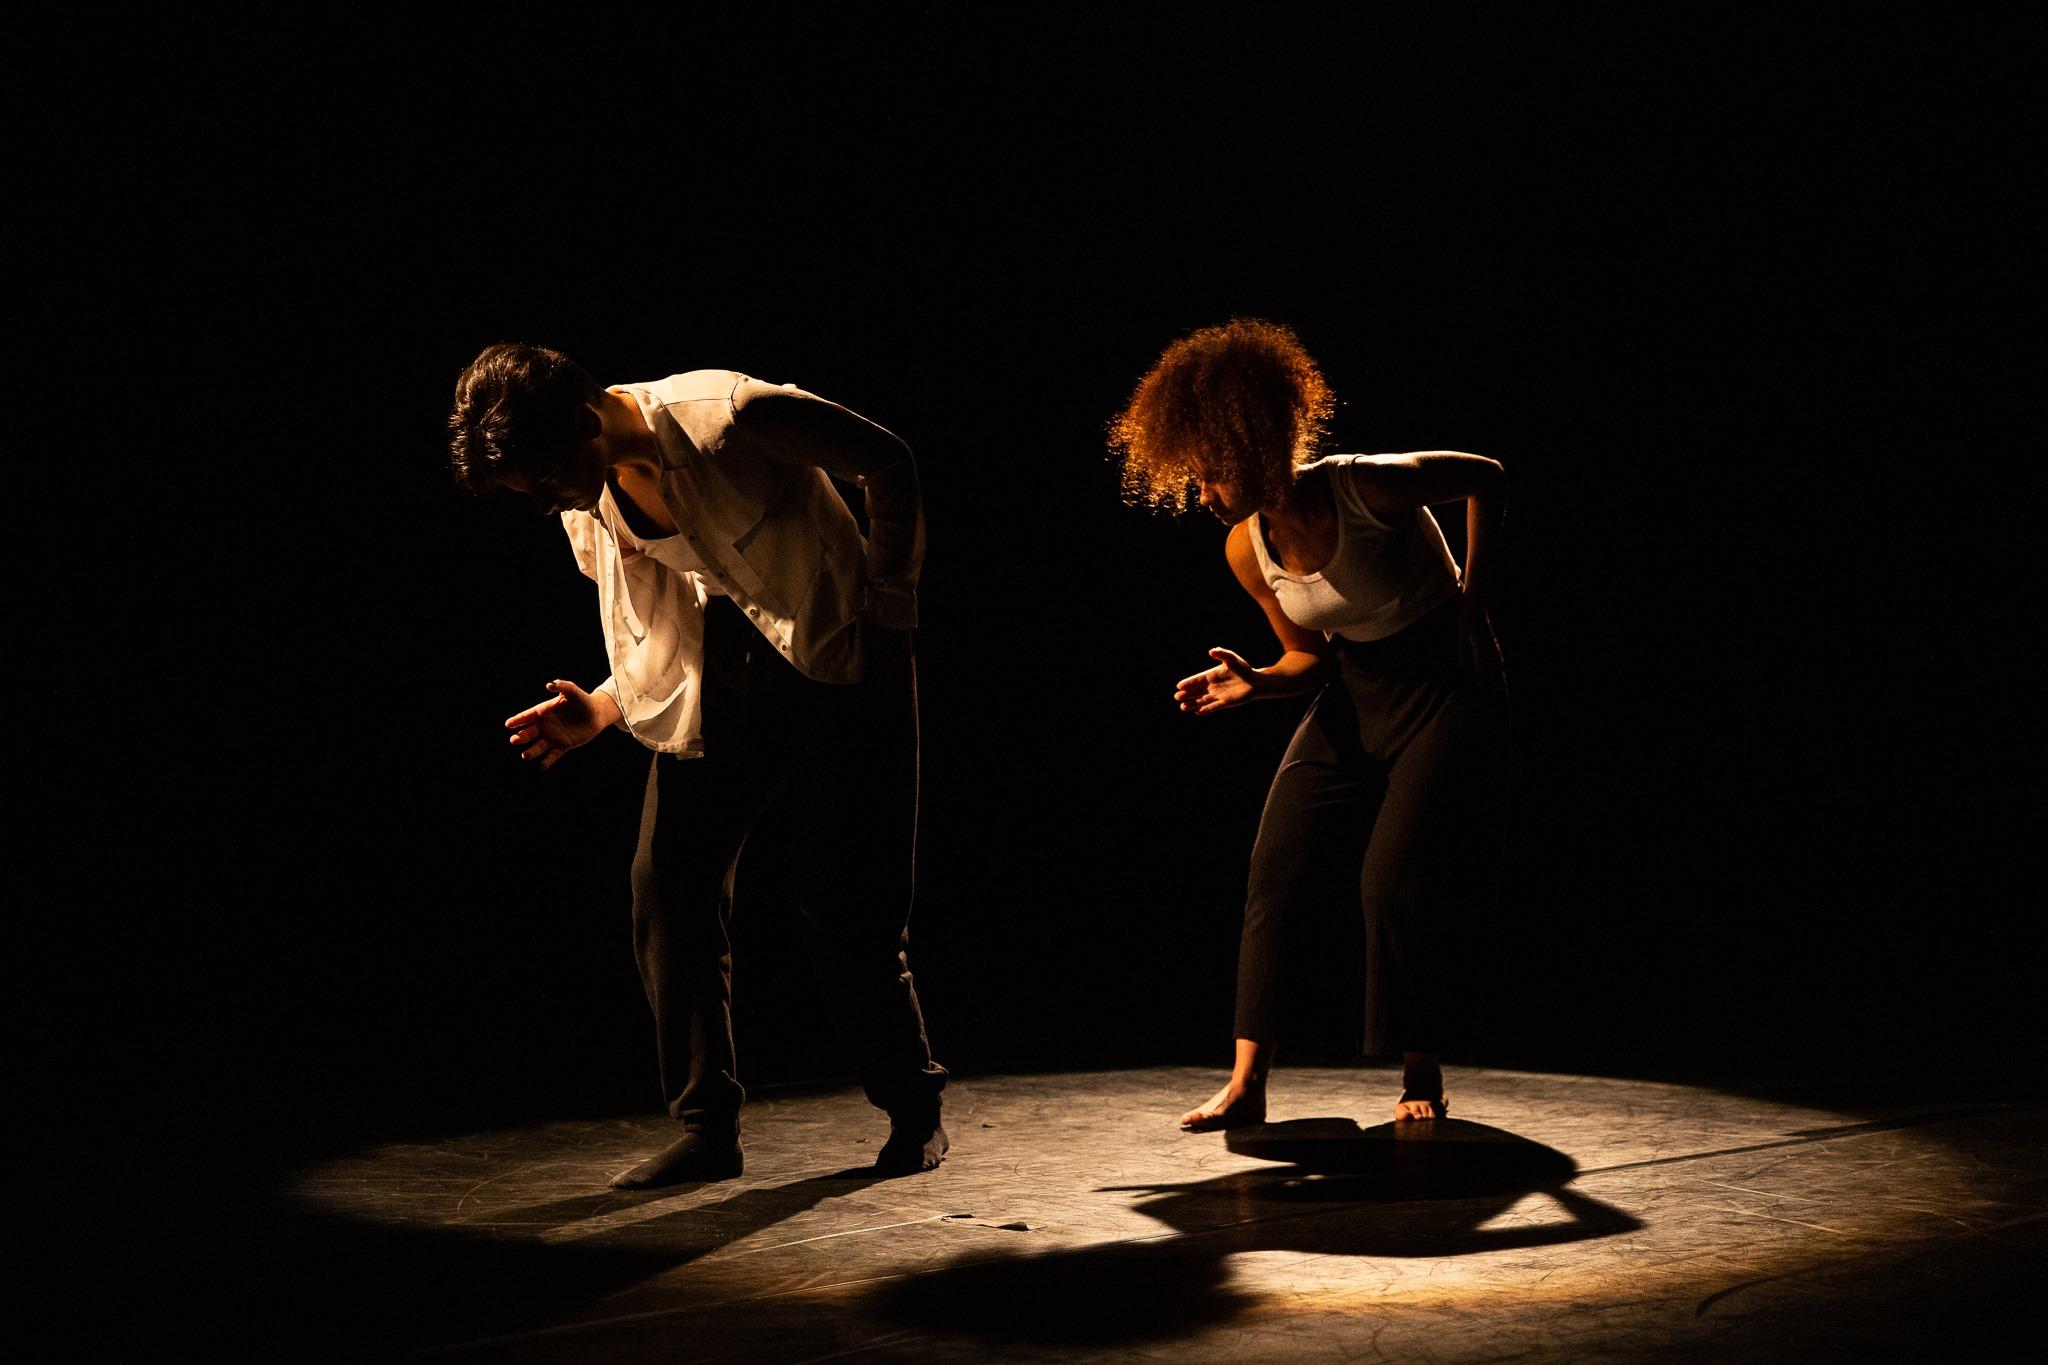 Provas de Aptidão Profissional  • Finalistas de Dança e Teatro 2021